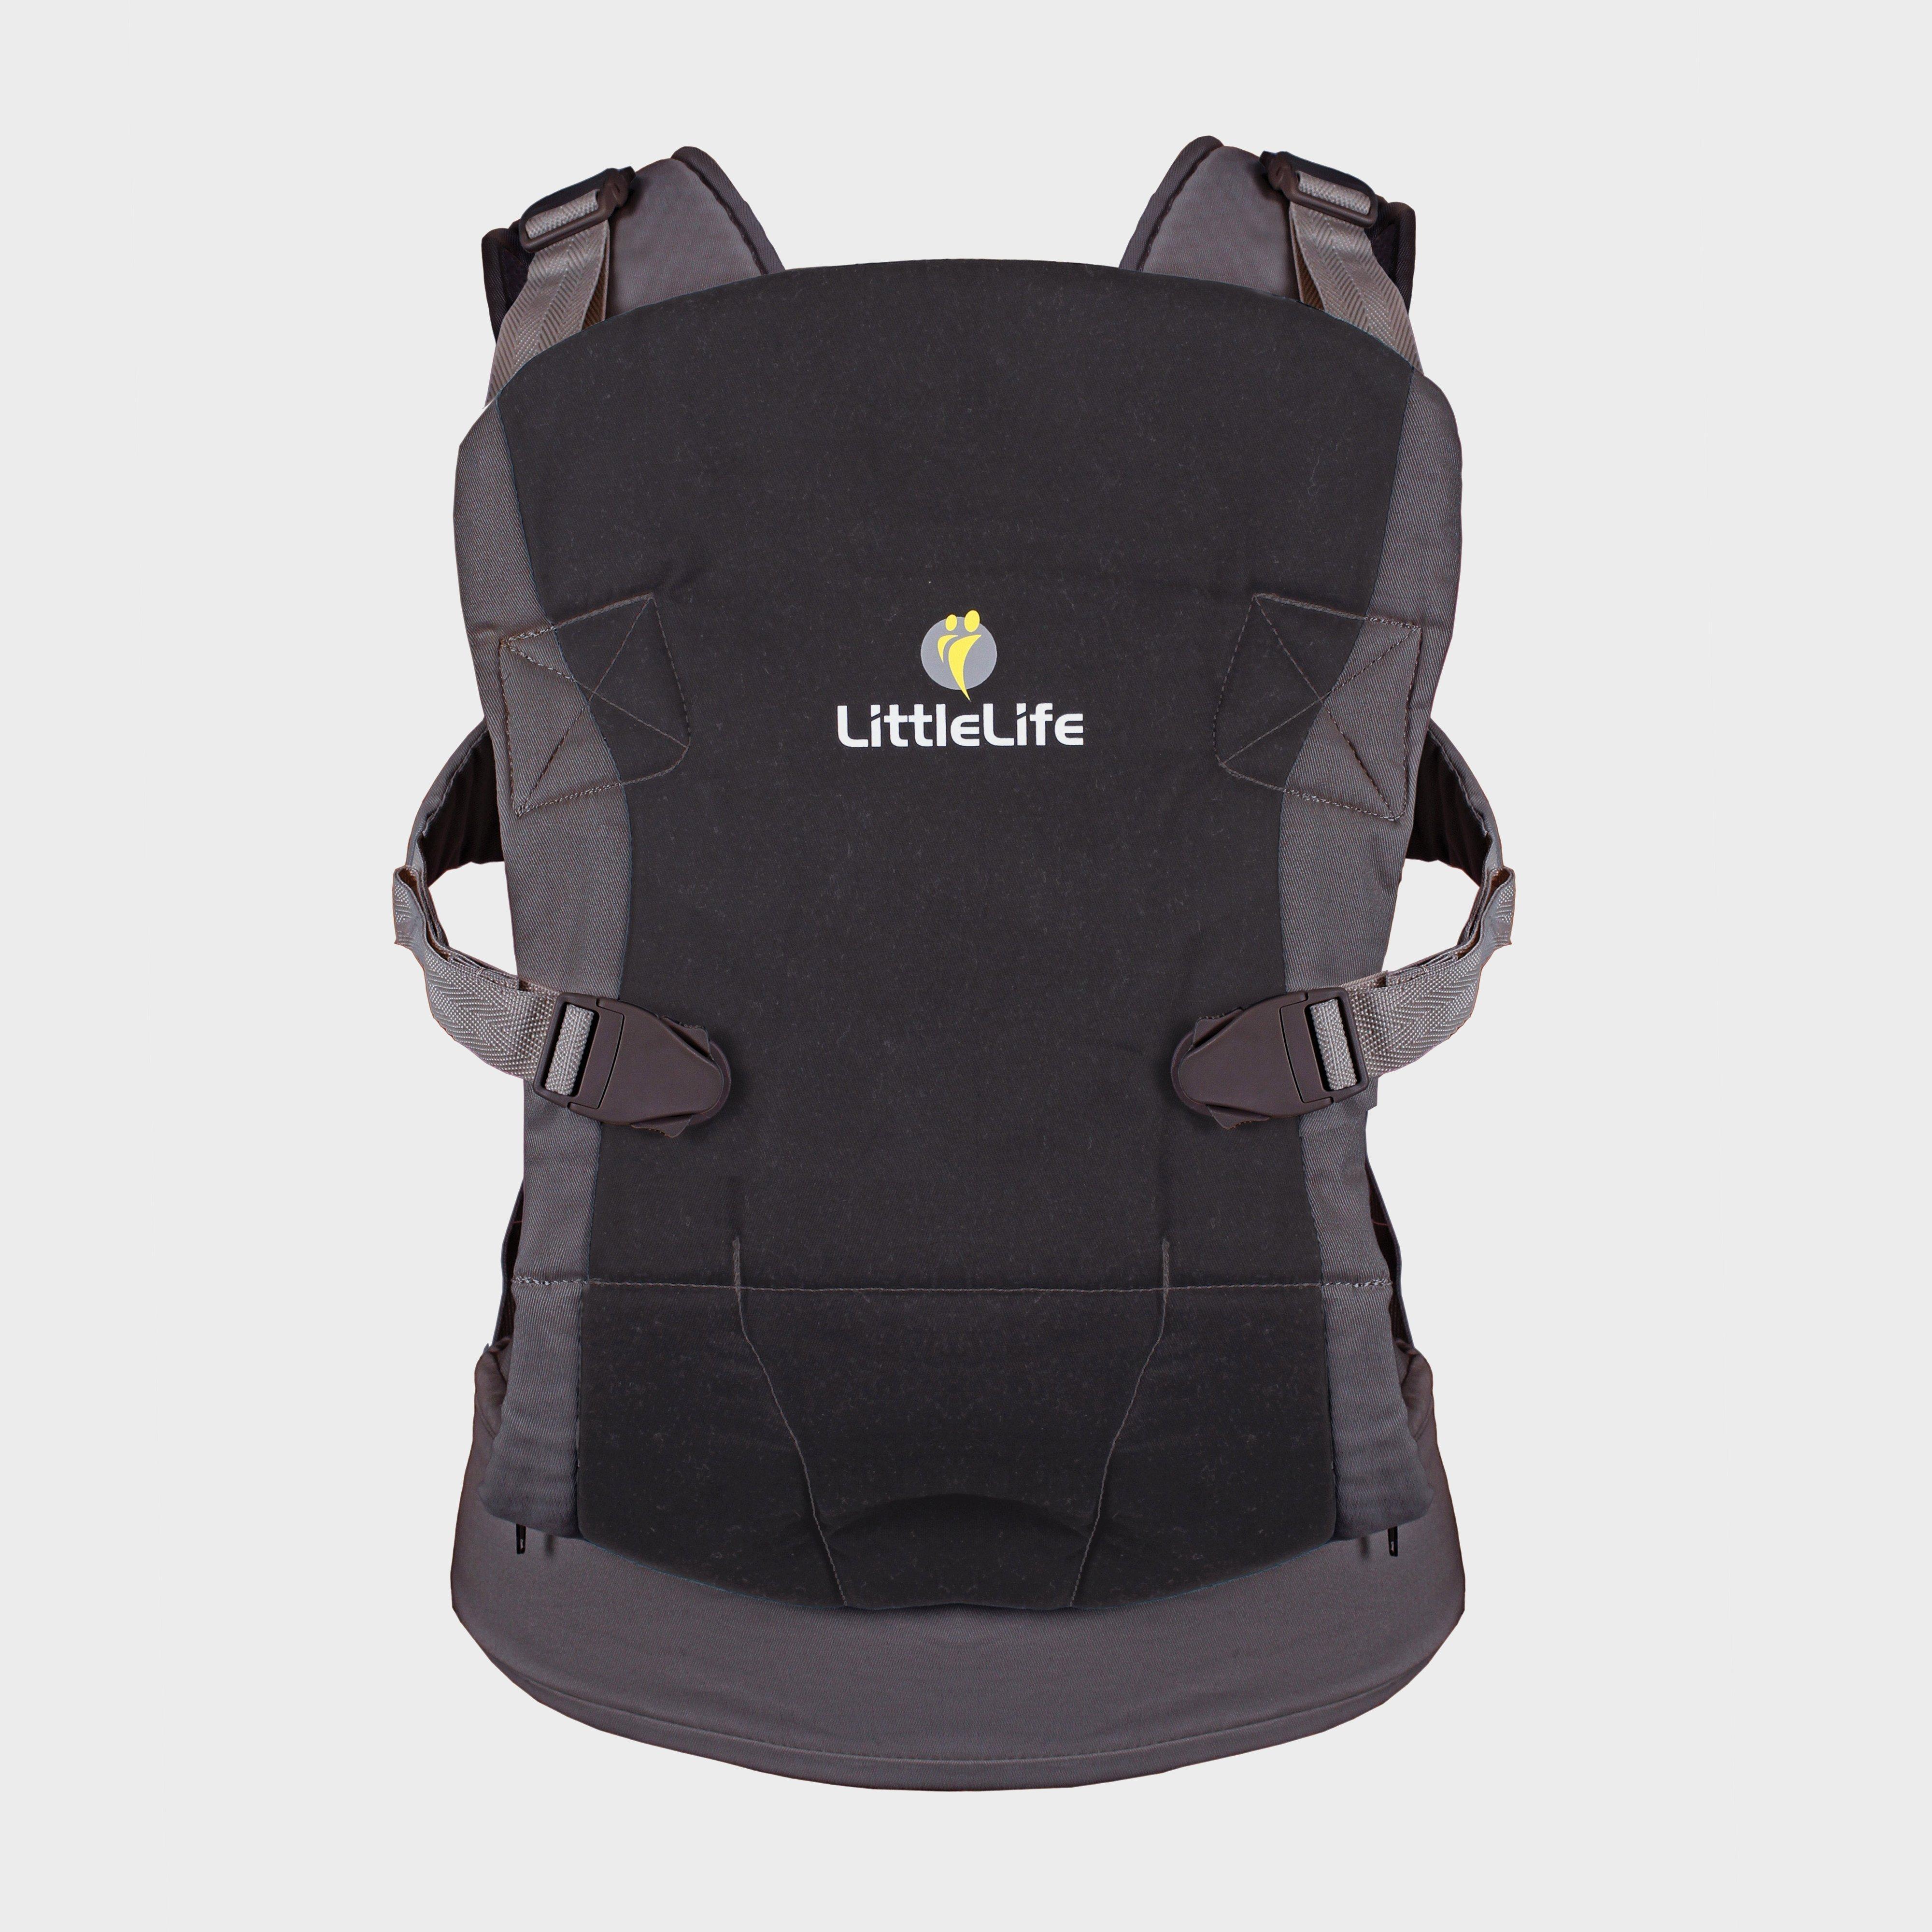 Littlelife Littlelife Acorn Front Baby Carrier - Black, Black